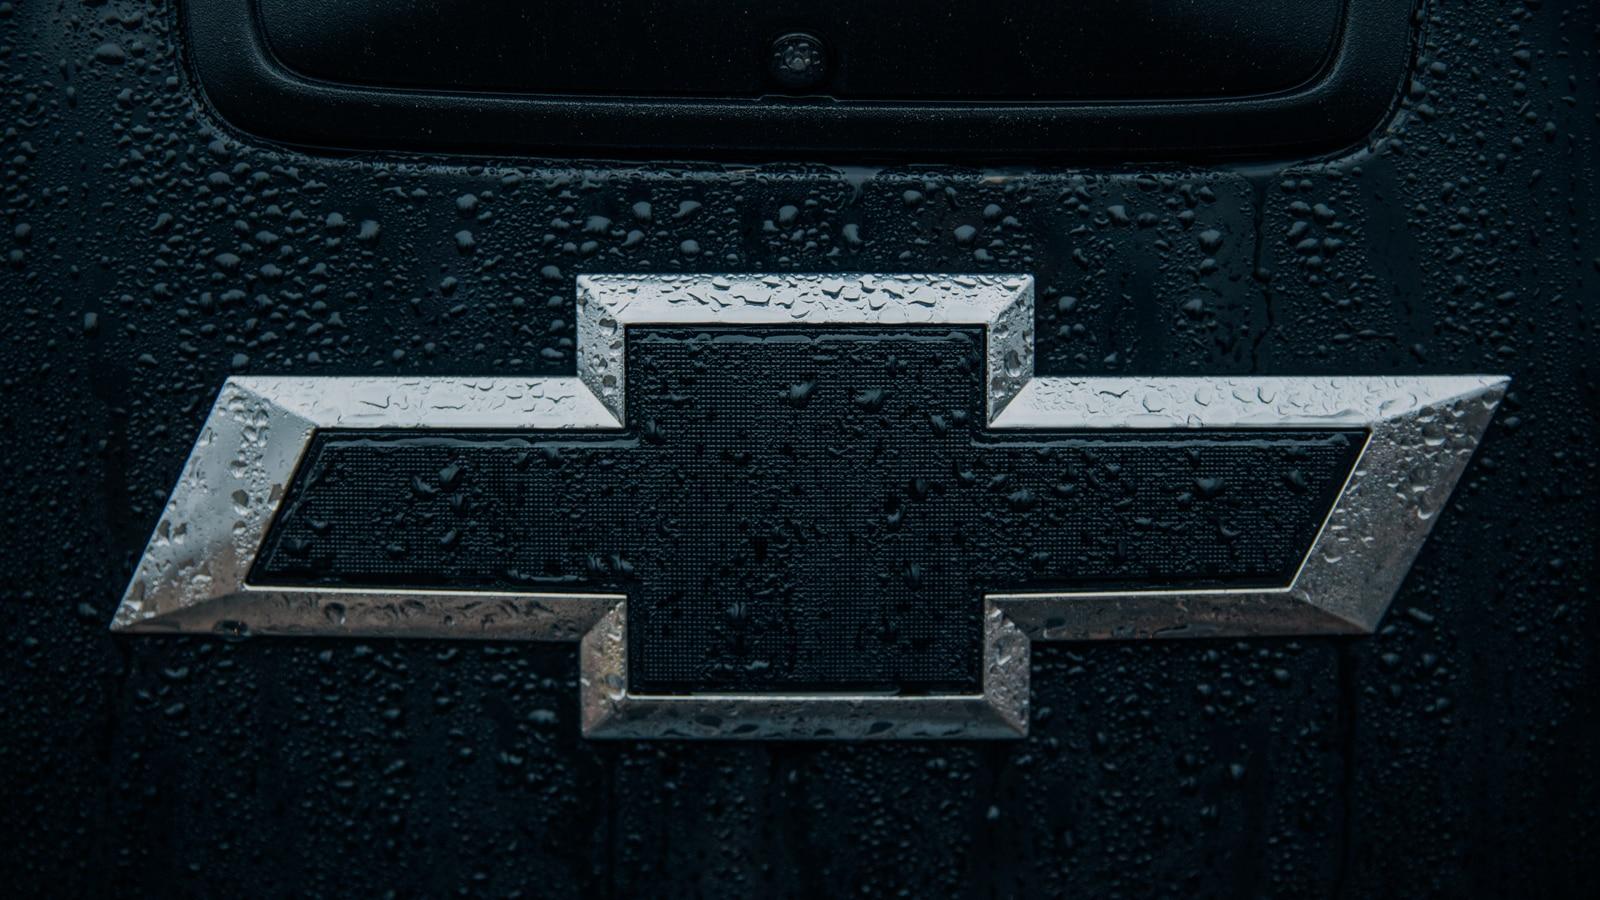 El logo de corbatín color Negro y Plateado de Chevrolet salpicado de lluvia en la parte trasera de la Colorado Z71 de cabina extendida con Midnight Edition.